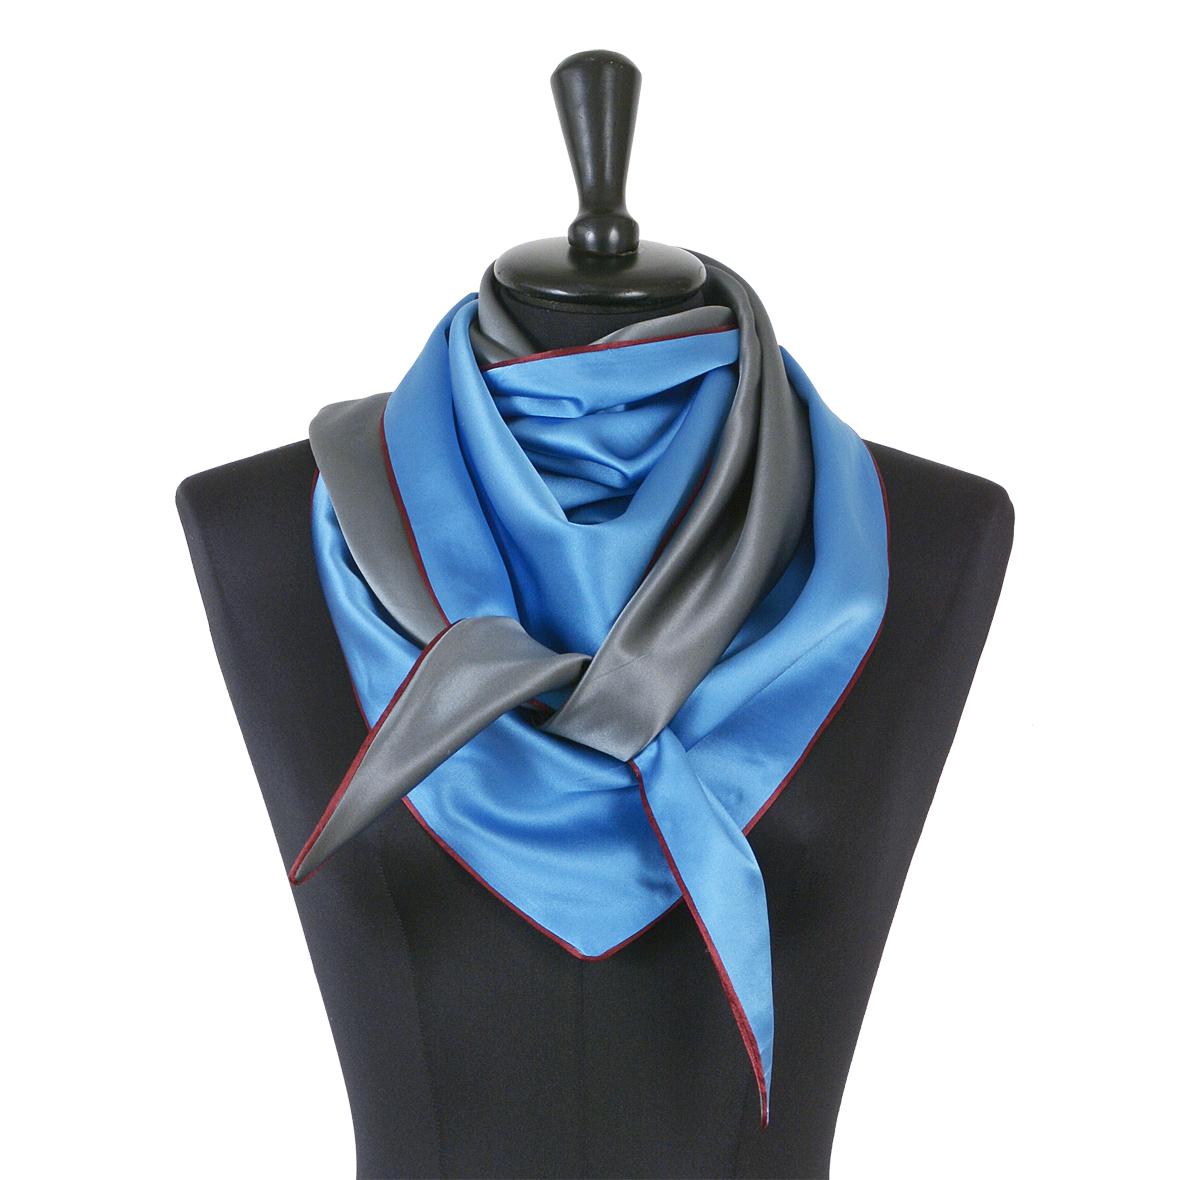 Souze Seidenschal Moitié-Carré, blau grau